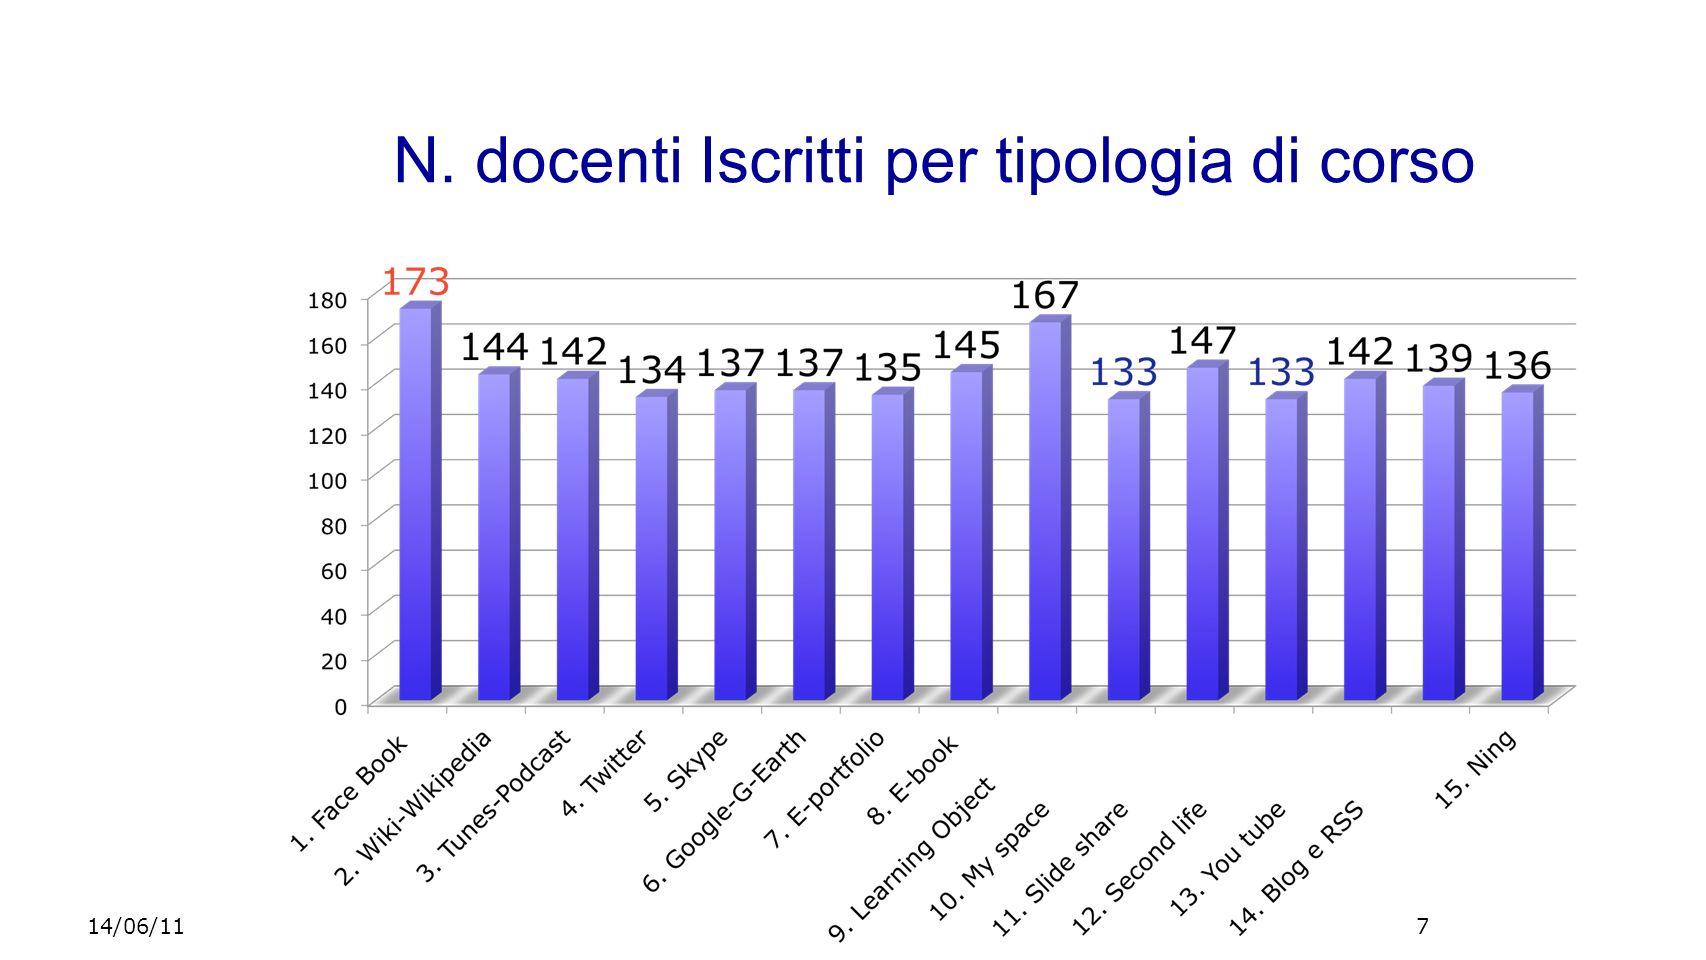 N. docenti Iscritti per tipologia di corso 714/06/11